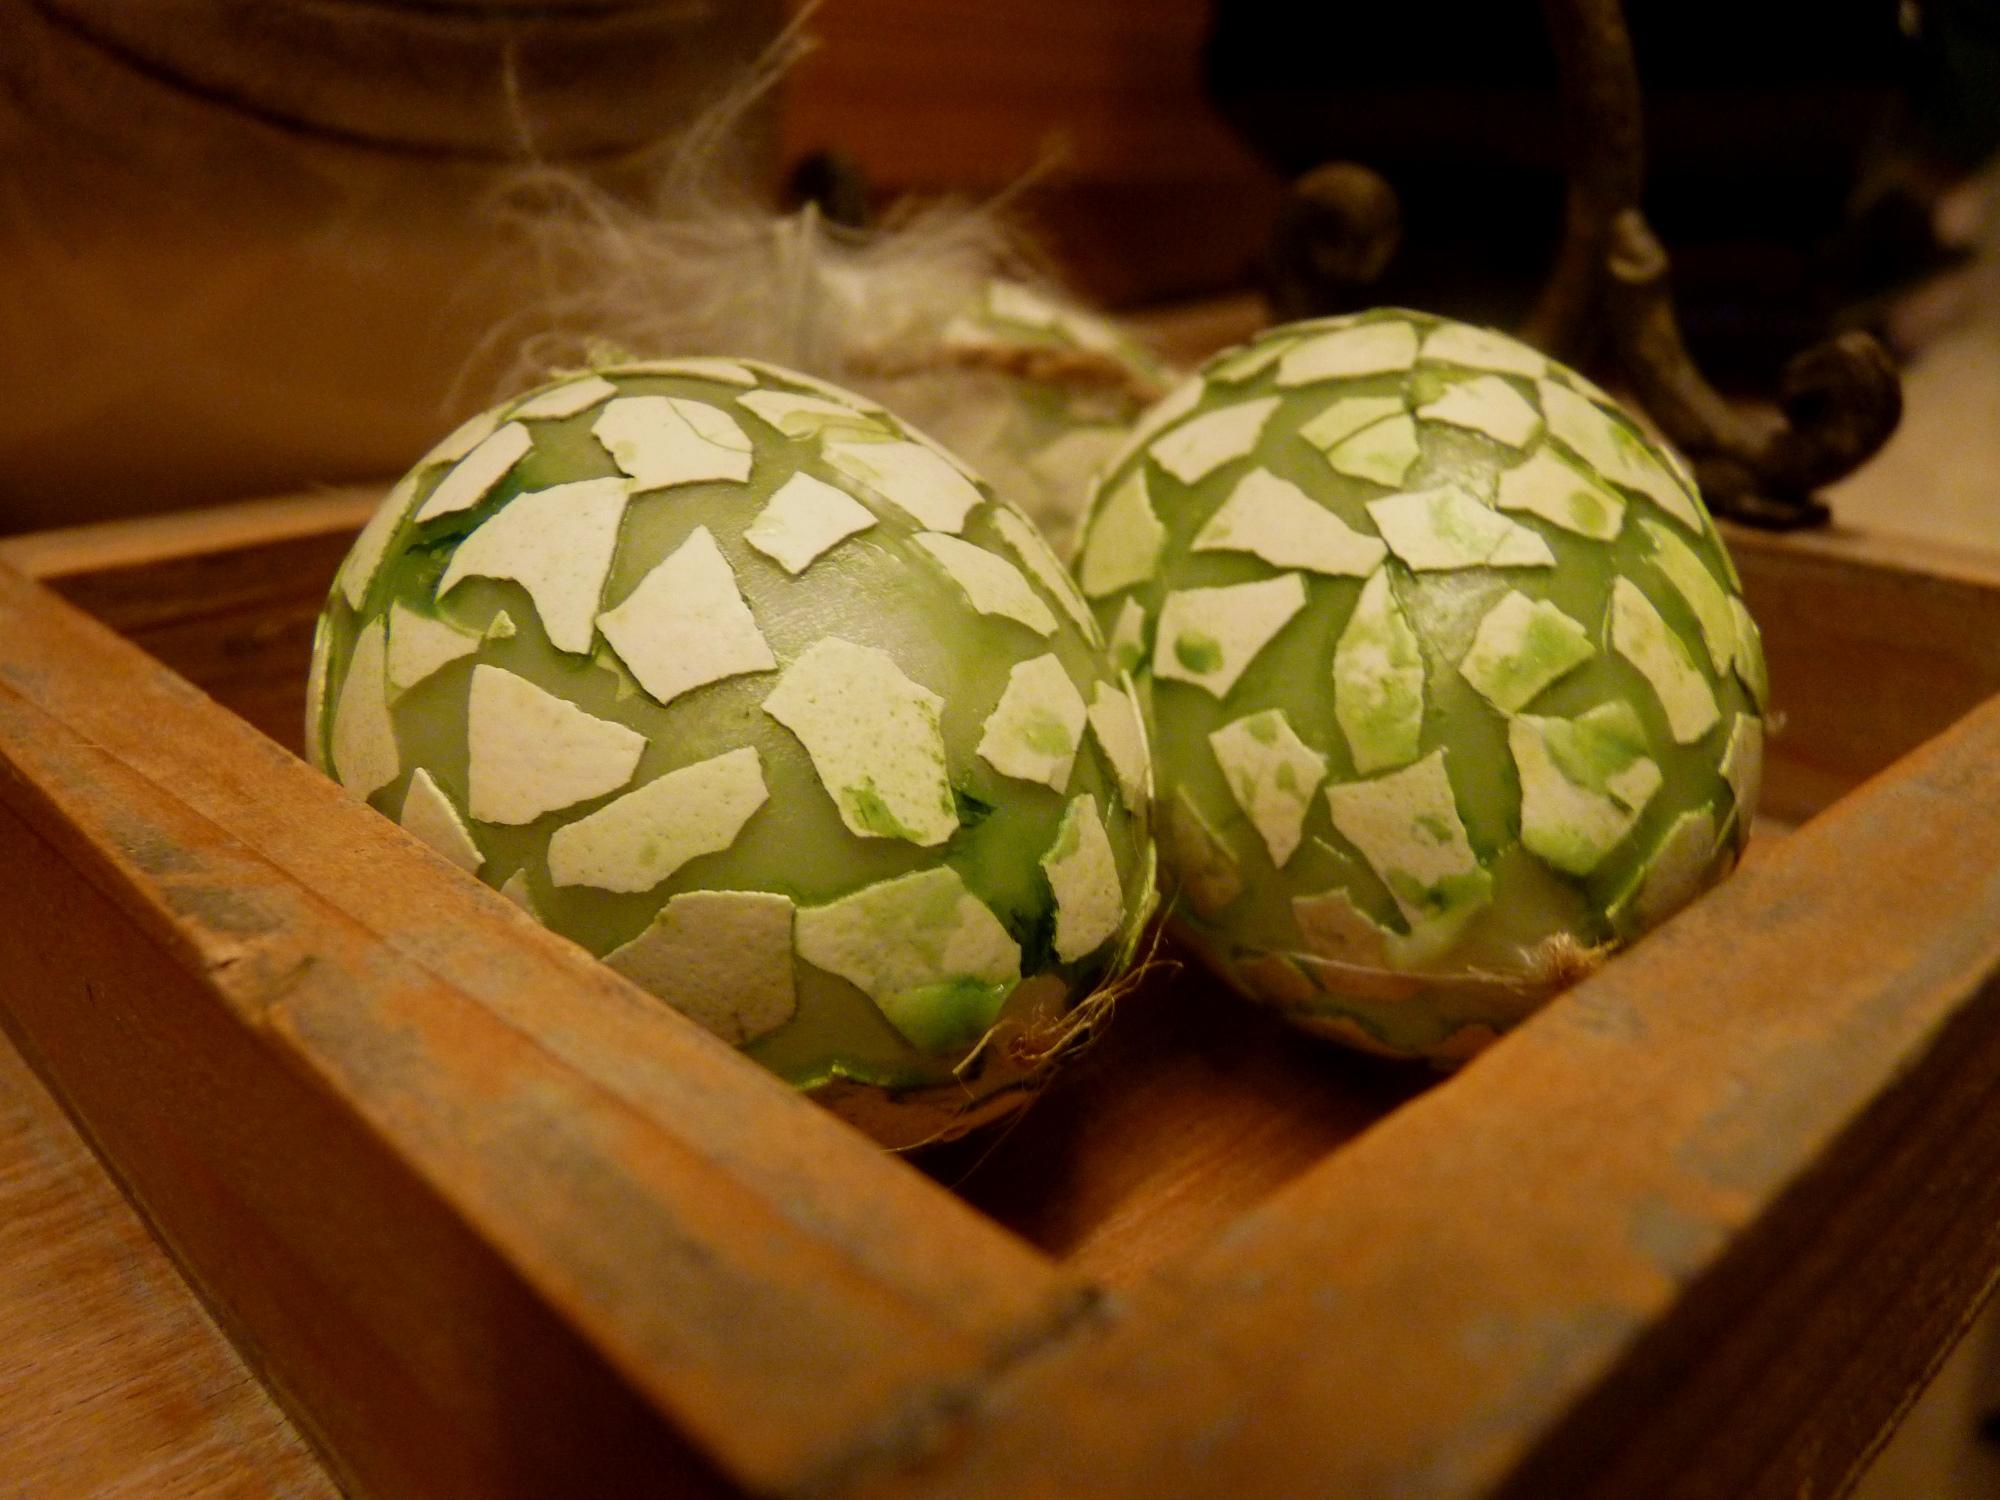 Foto: Foto der Woche #042: Eier, die Erste